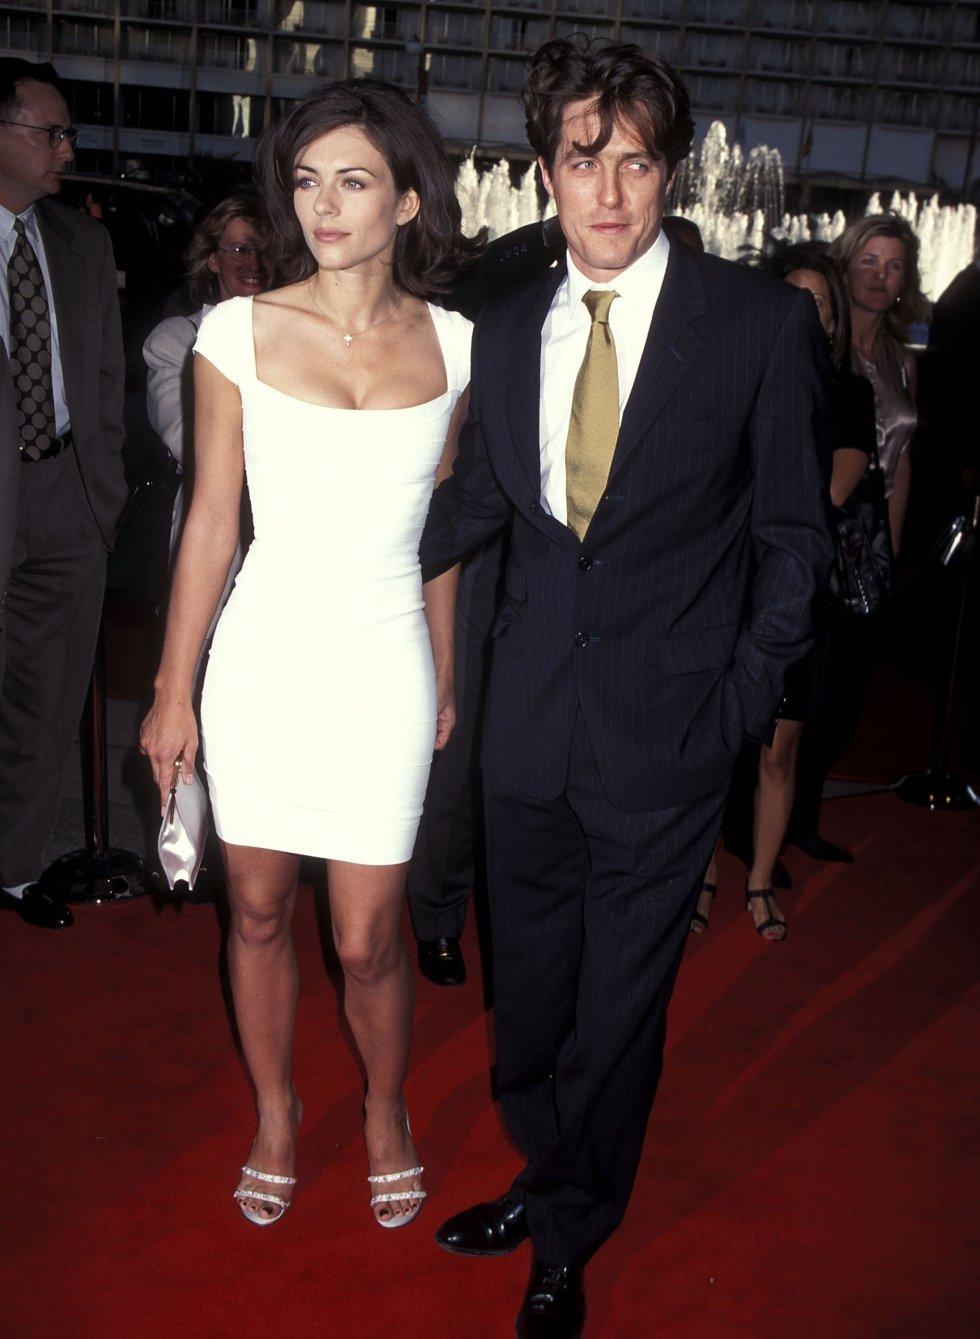 Hugh Grant tenía fama de ser mujeriego y su novia Elizabeth Hurley lo comprobó cuando el actor se involucró con una trabajadora sexual.